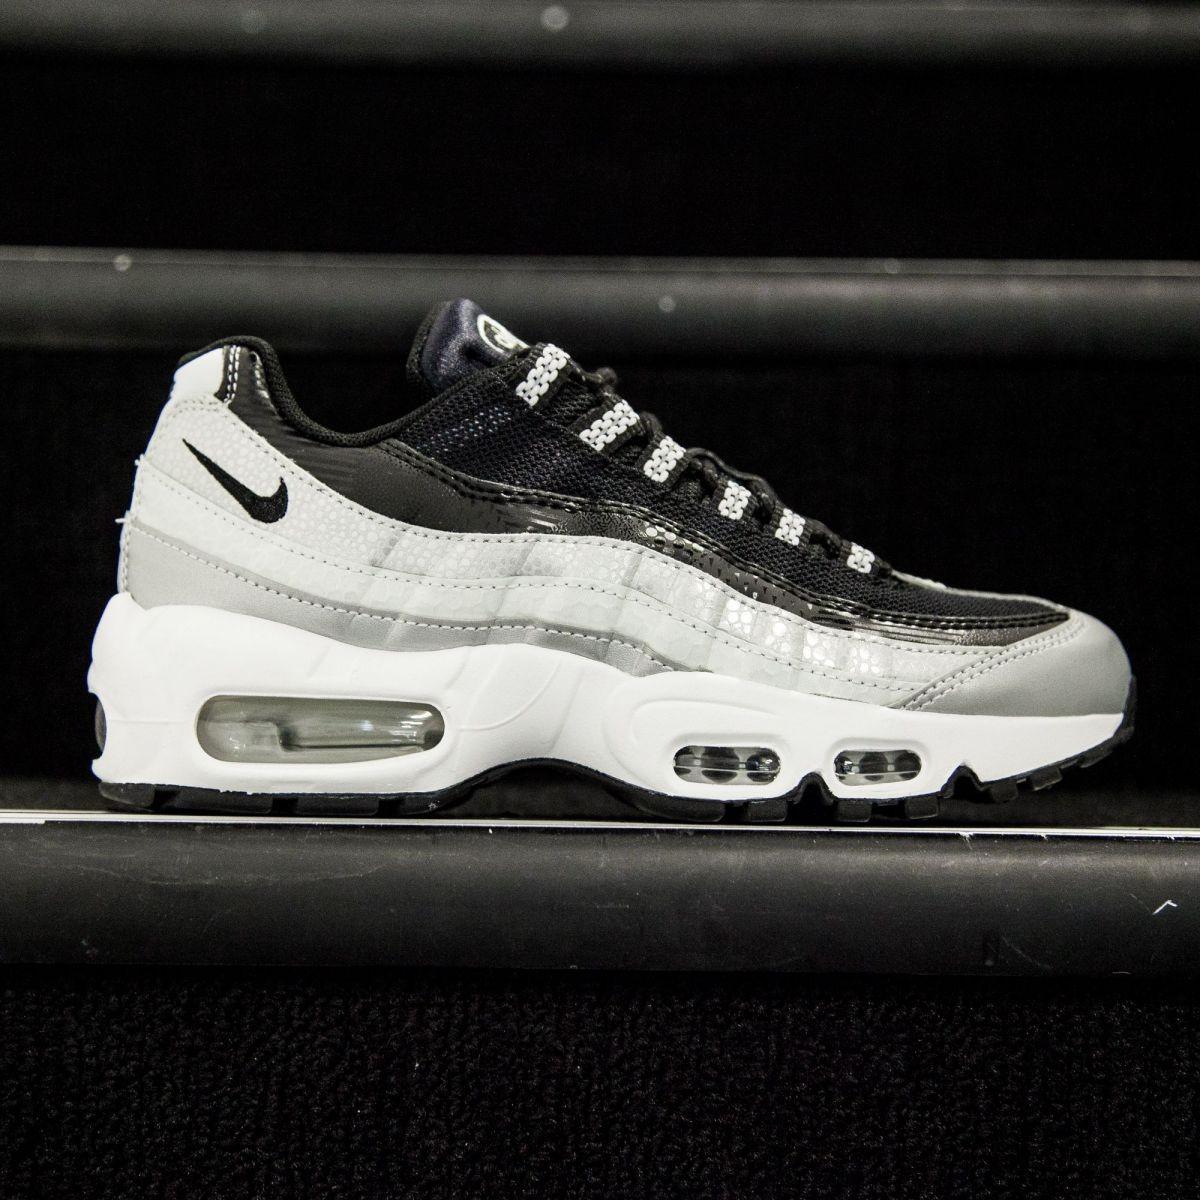 57de6e3d51 ... premium qs Nike Women Air Max 95 Anniversary QS (silver metallic  platinum black white) ...